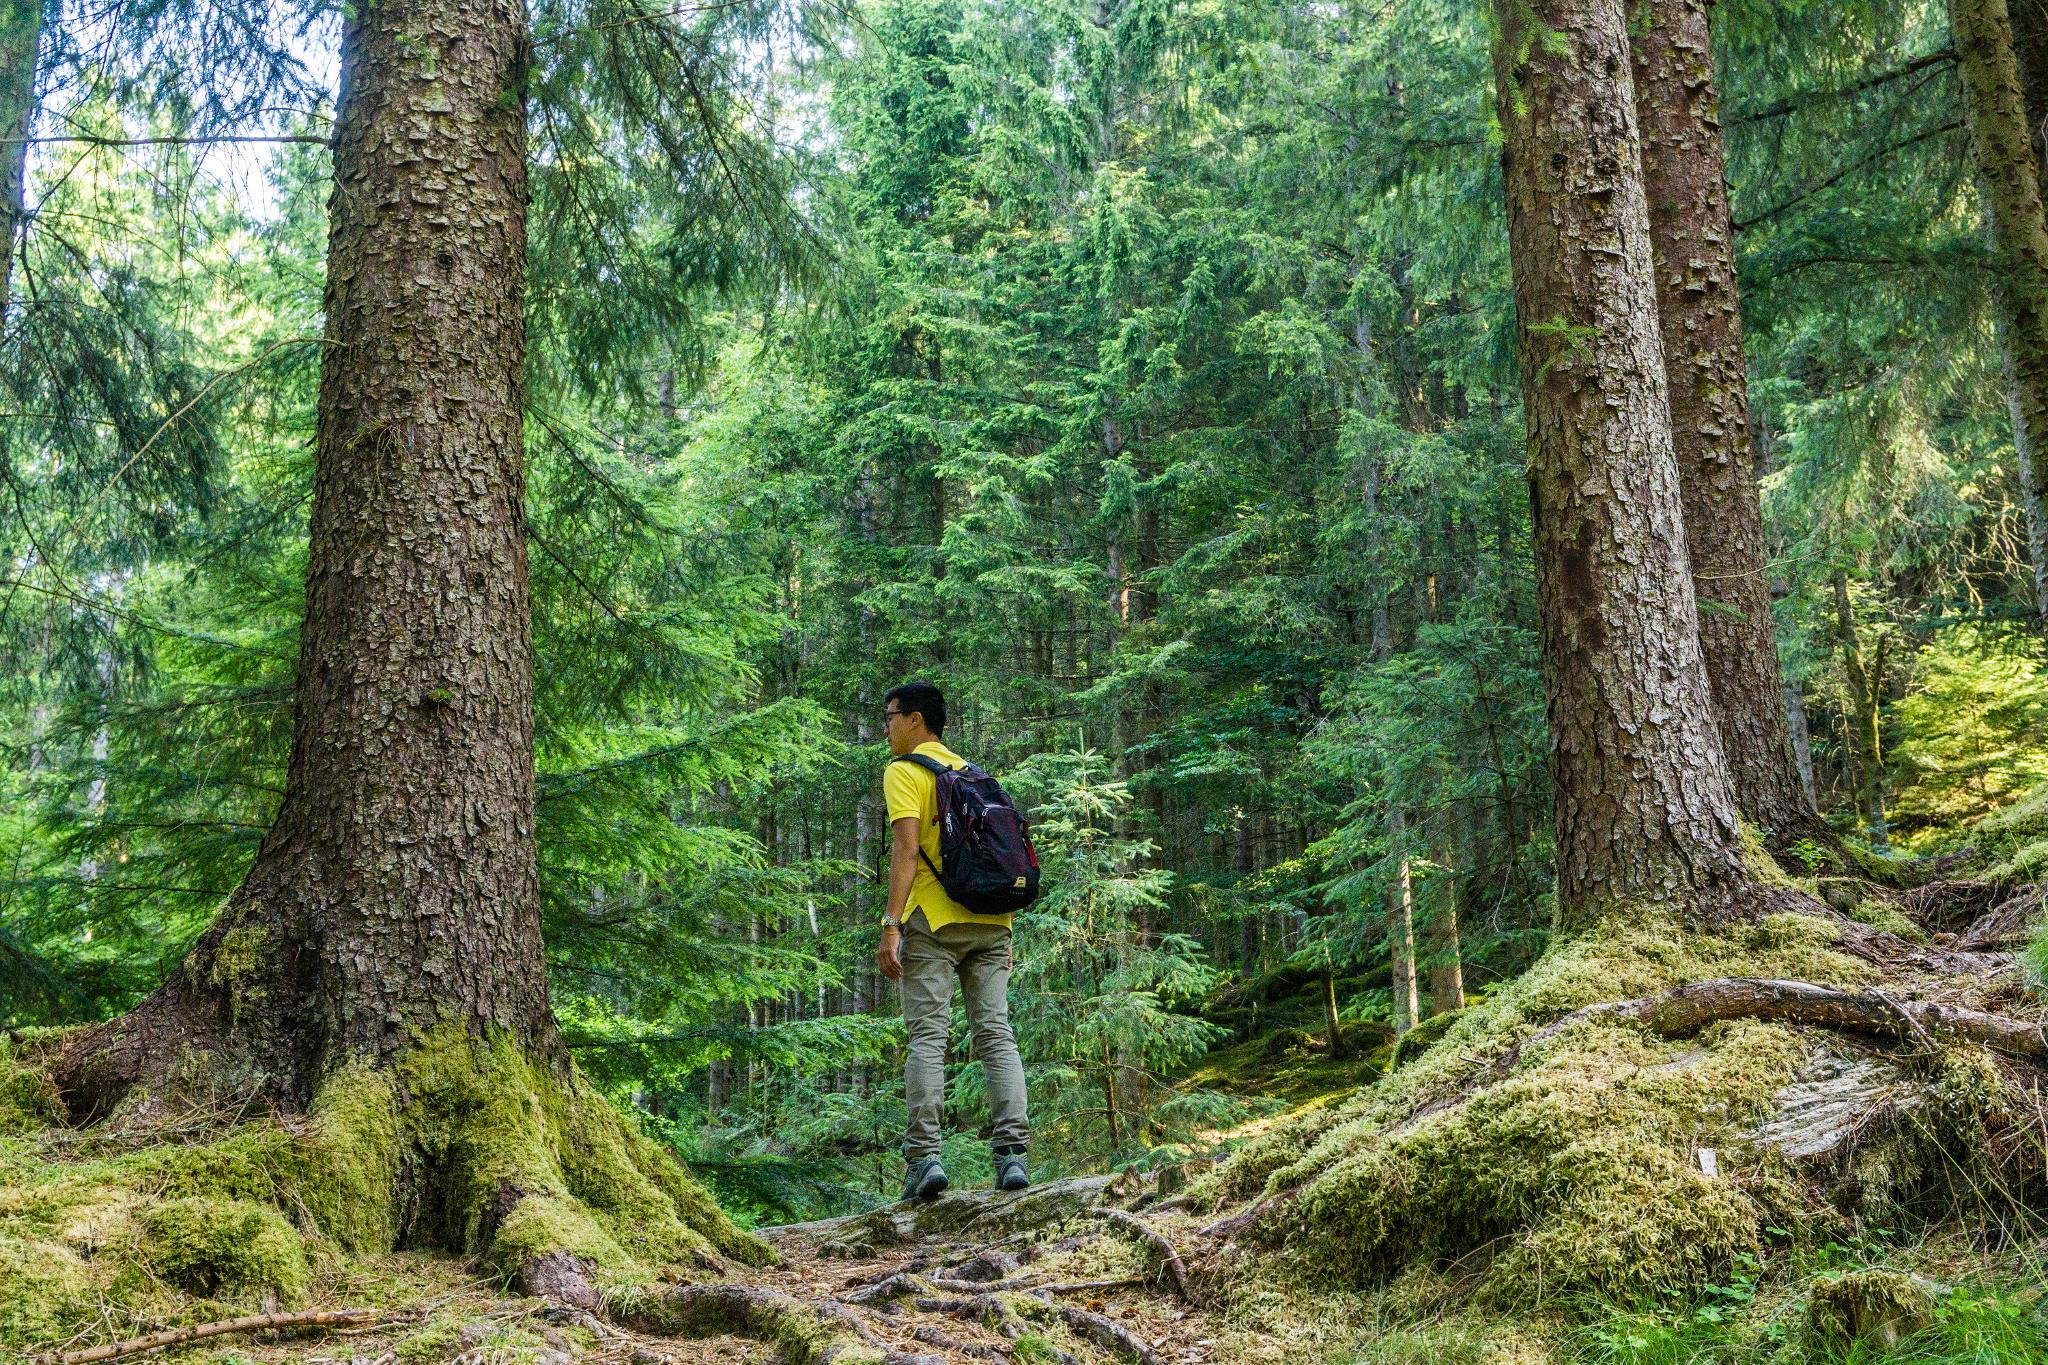 【卑爾根】超級震撼的隱藏版挪威景點 — Stoltzekleiven桑德維克斯石梯與Fløyen佛洛伊恩觀景台大縱走 24